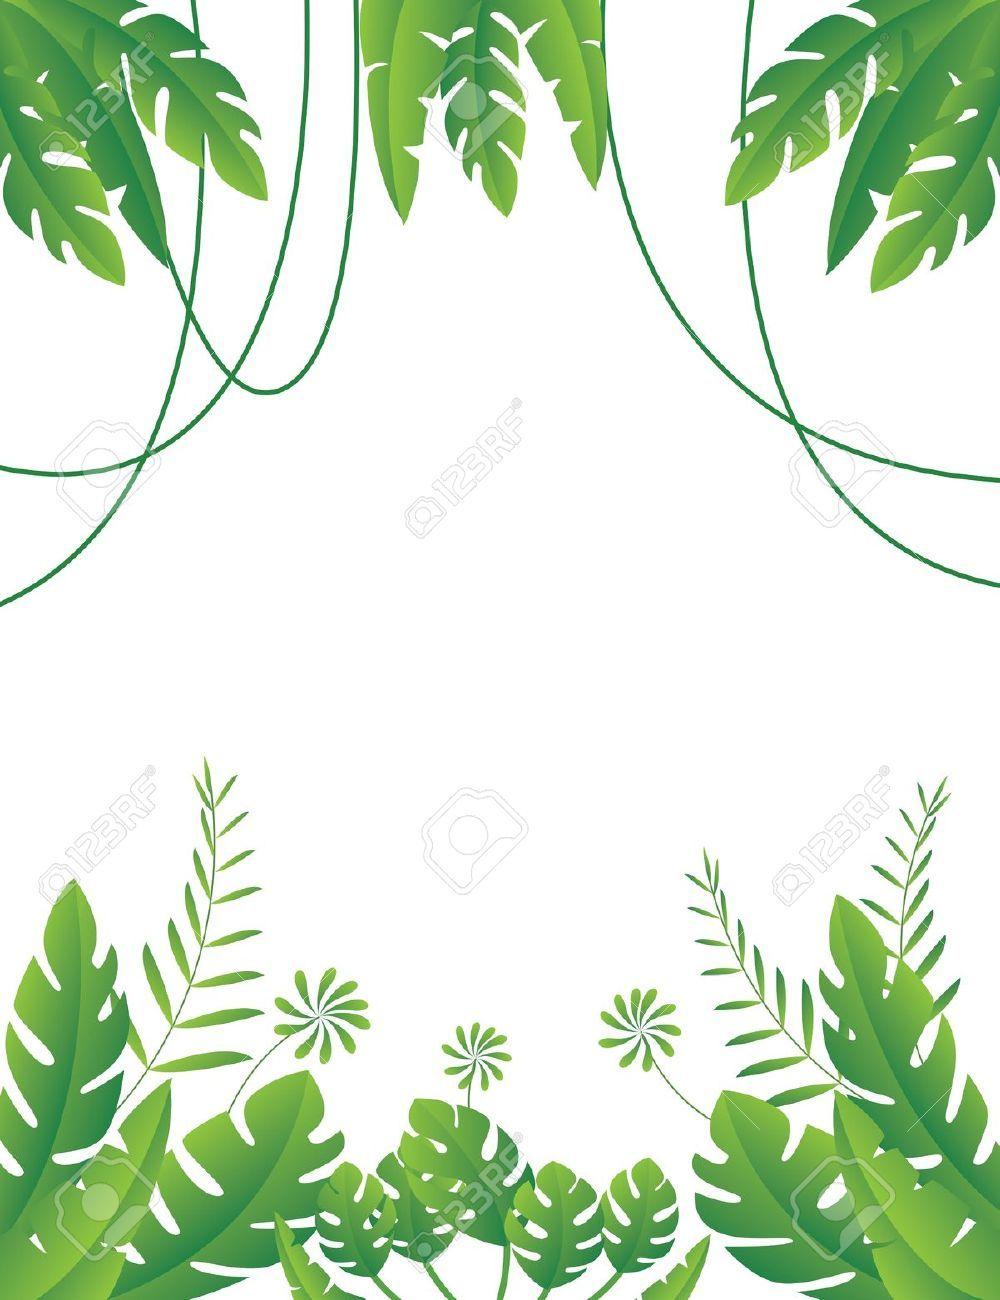 Jungle clipart jungle foliage #1 in 2019.